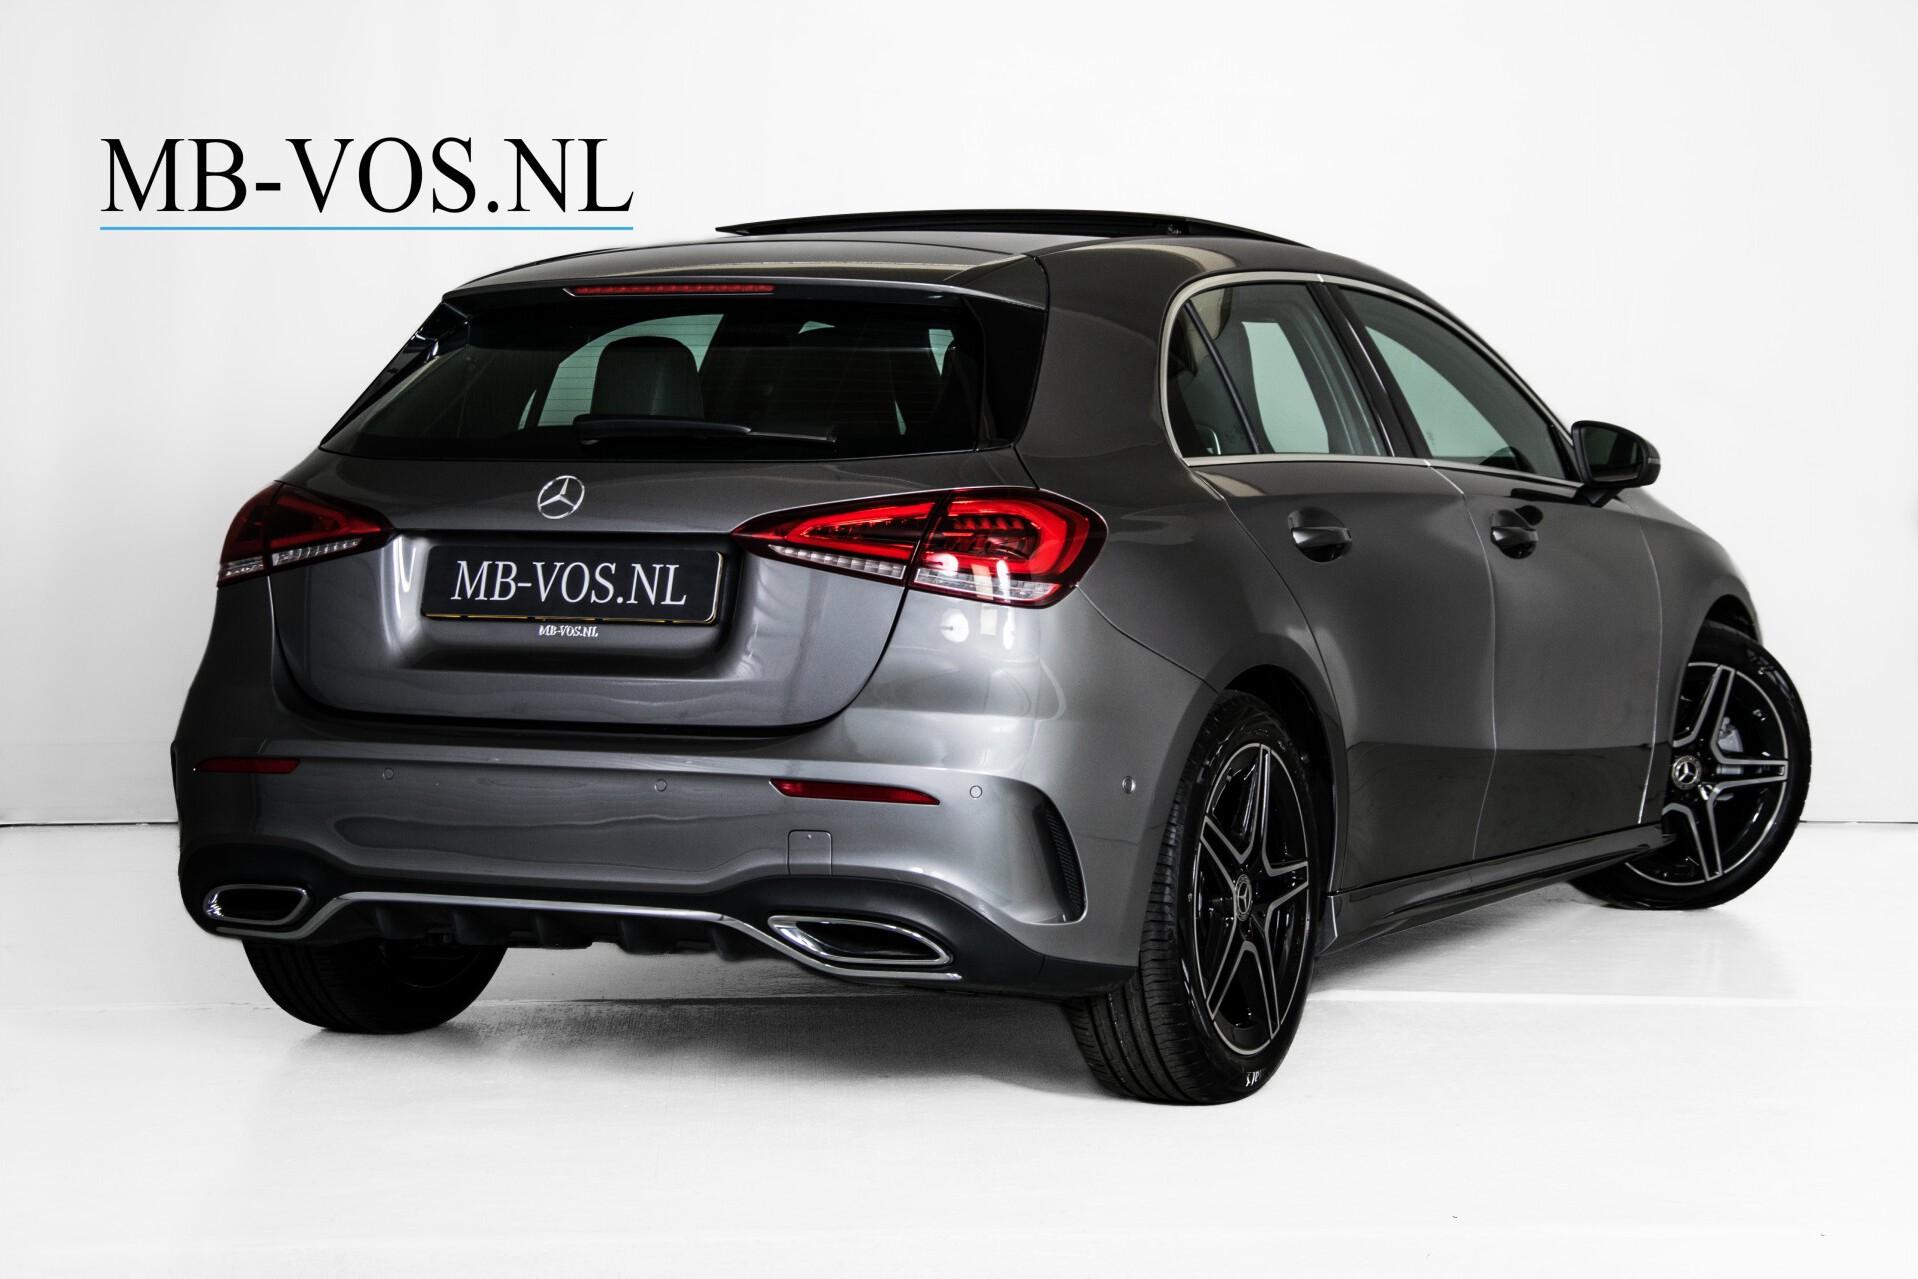 Mercedes-Benz A-Klasse 180 d AMG Panorama/MBUX/DAB/LED Aut7 Foto 2